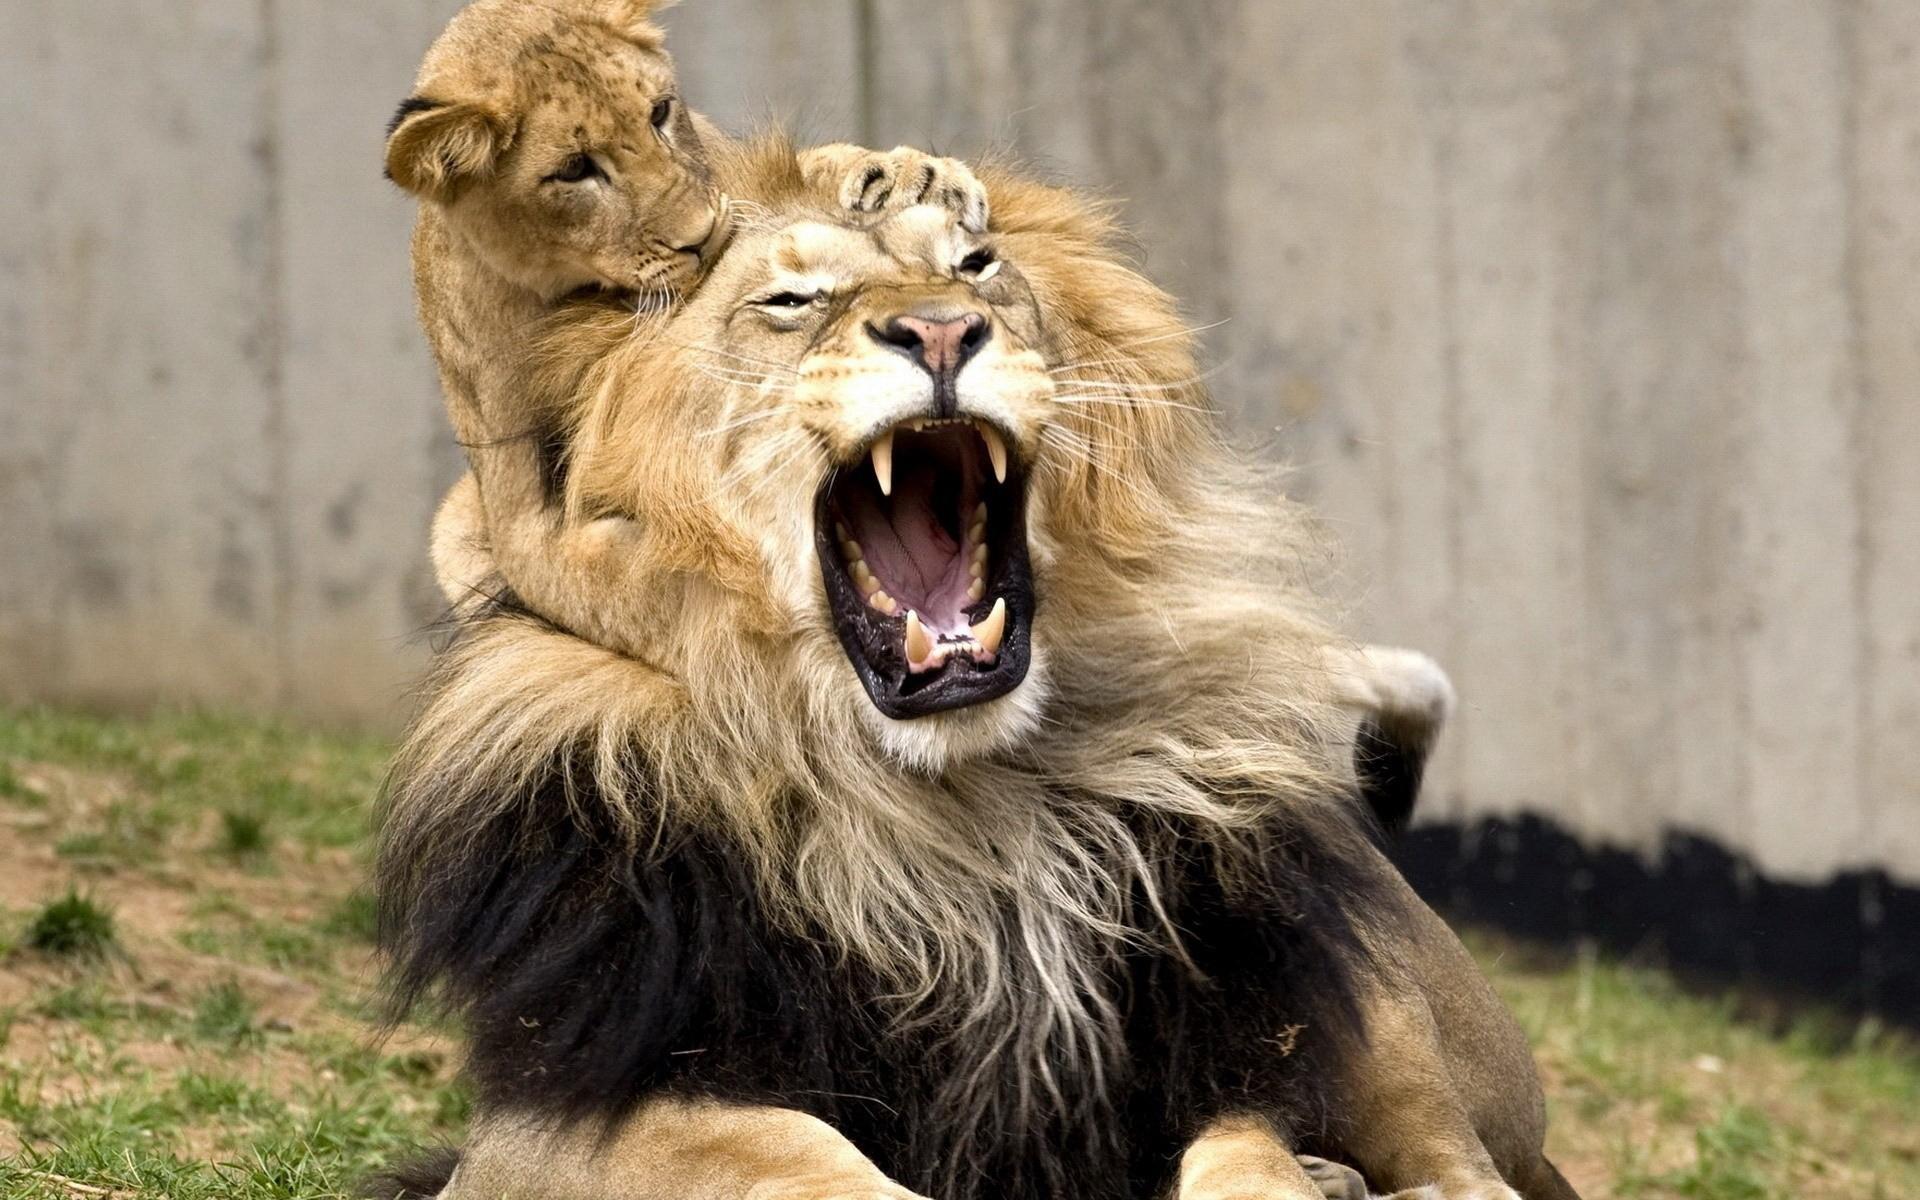 интересные картинки льва выведен кинологами-энтузиастами